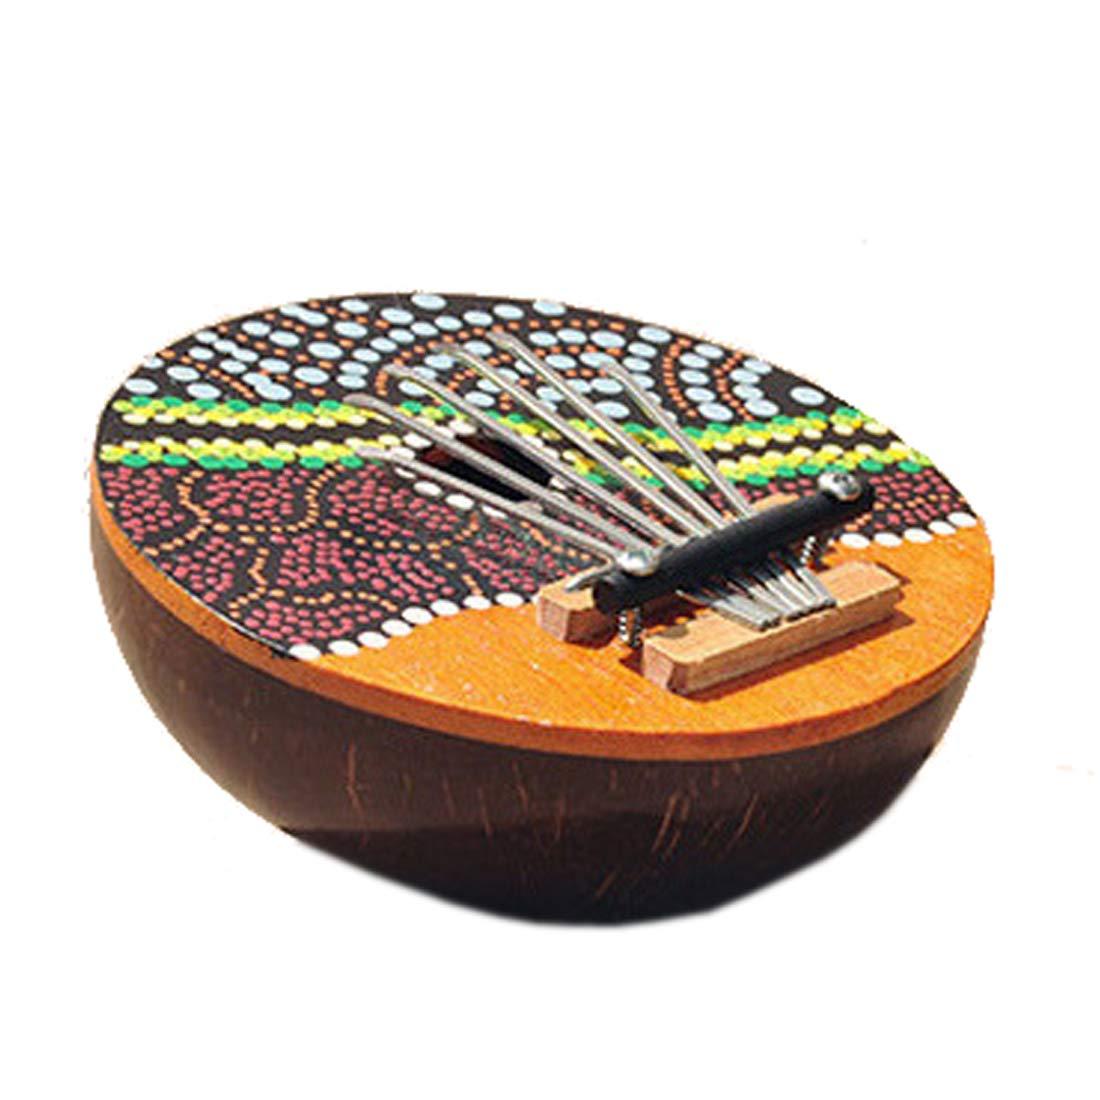 Kalimba Thumb Piano Random Painted 7 Key Coconut Shell Finger Small Piano Leiqin